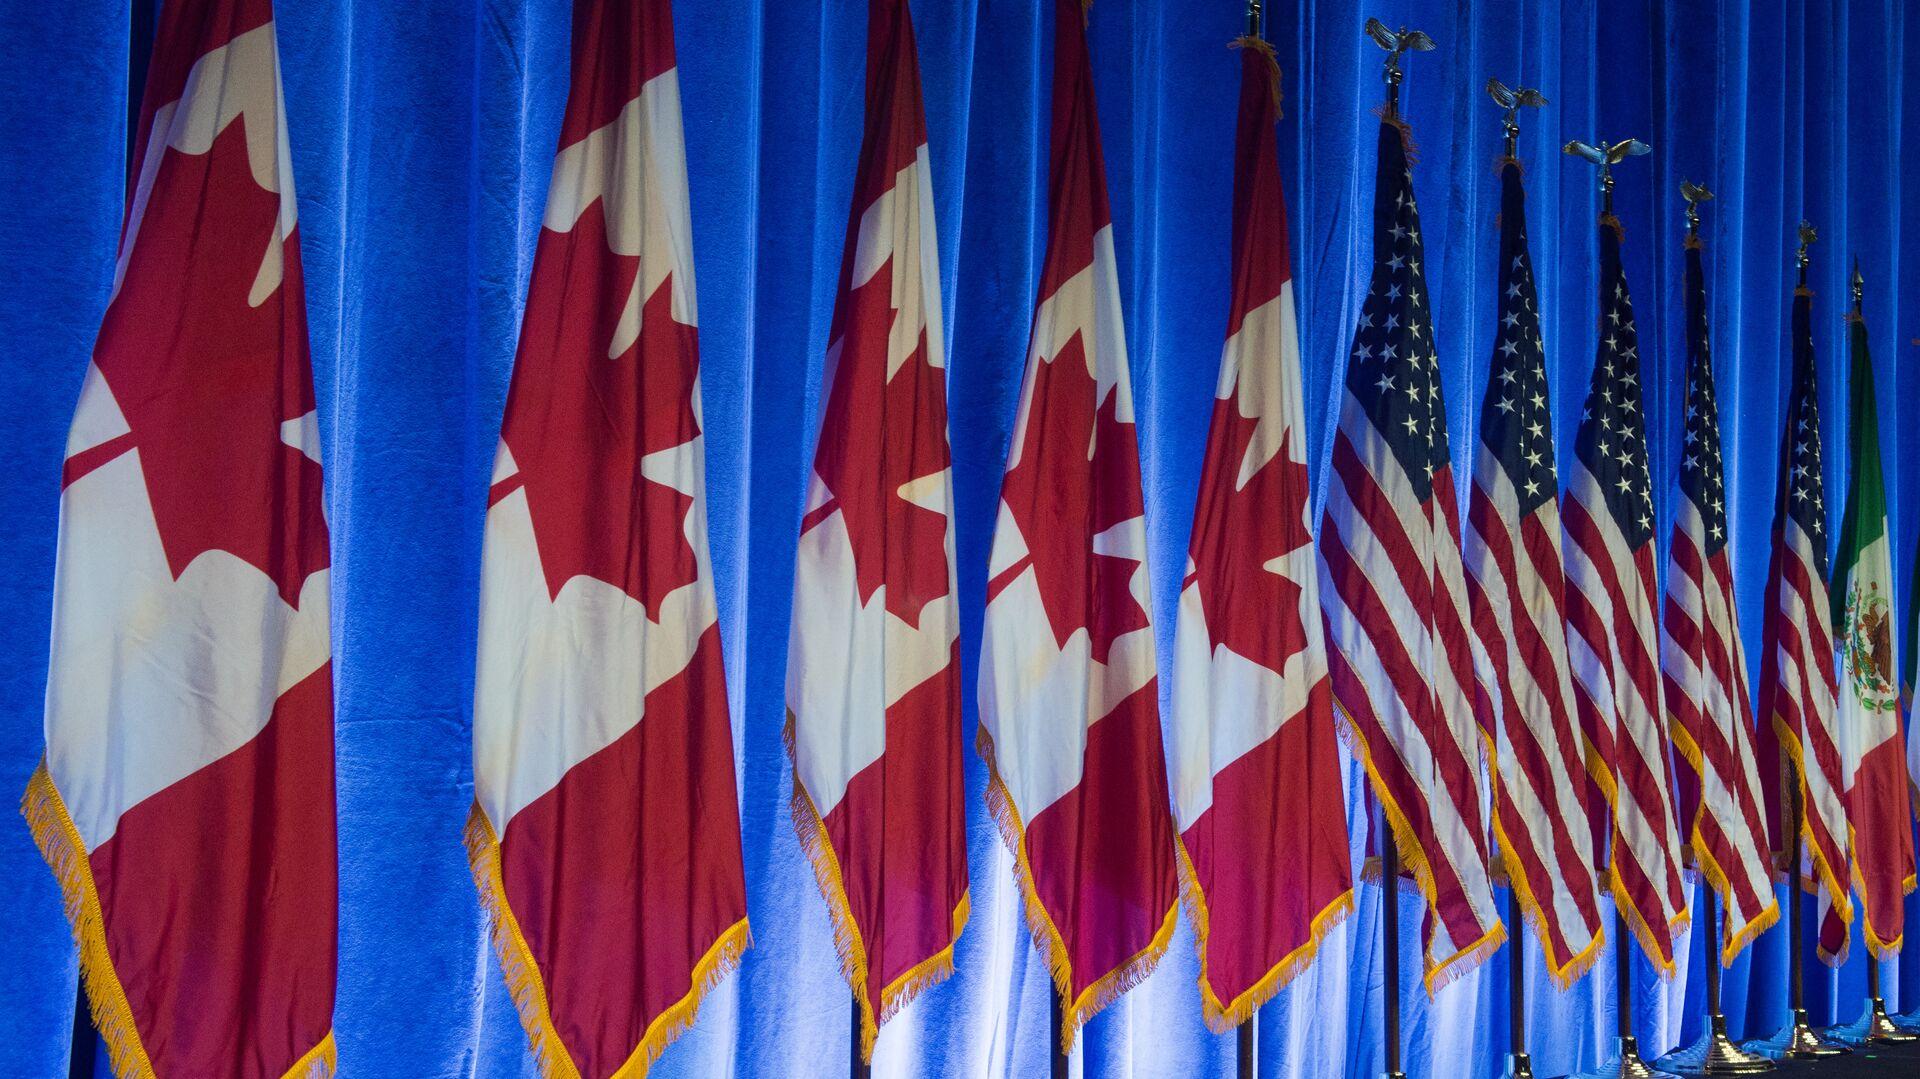 Las banderas de Canadá, EEUU y México - Sputnik Mundo, 1920, 23.09.2021